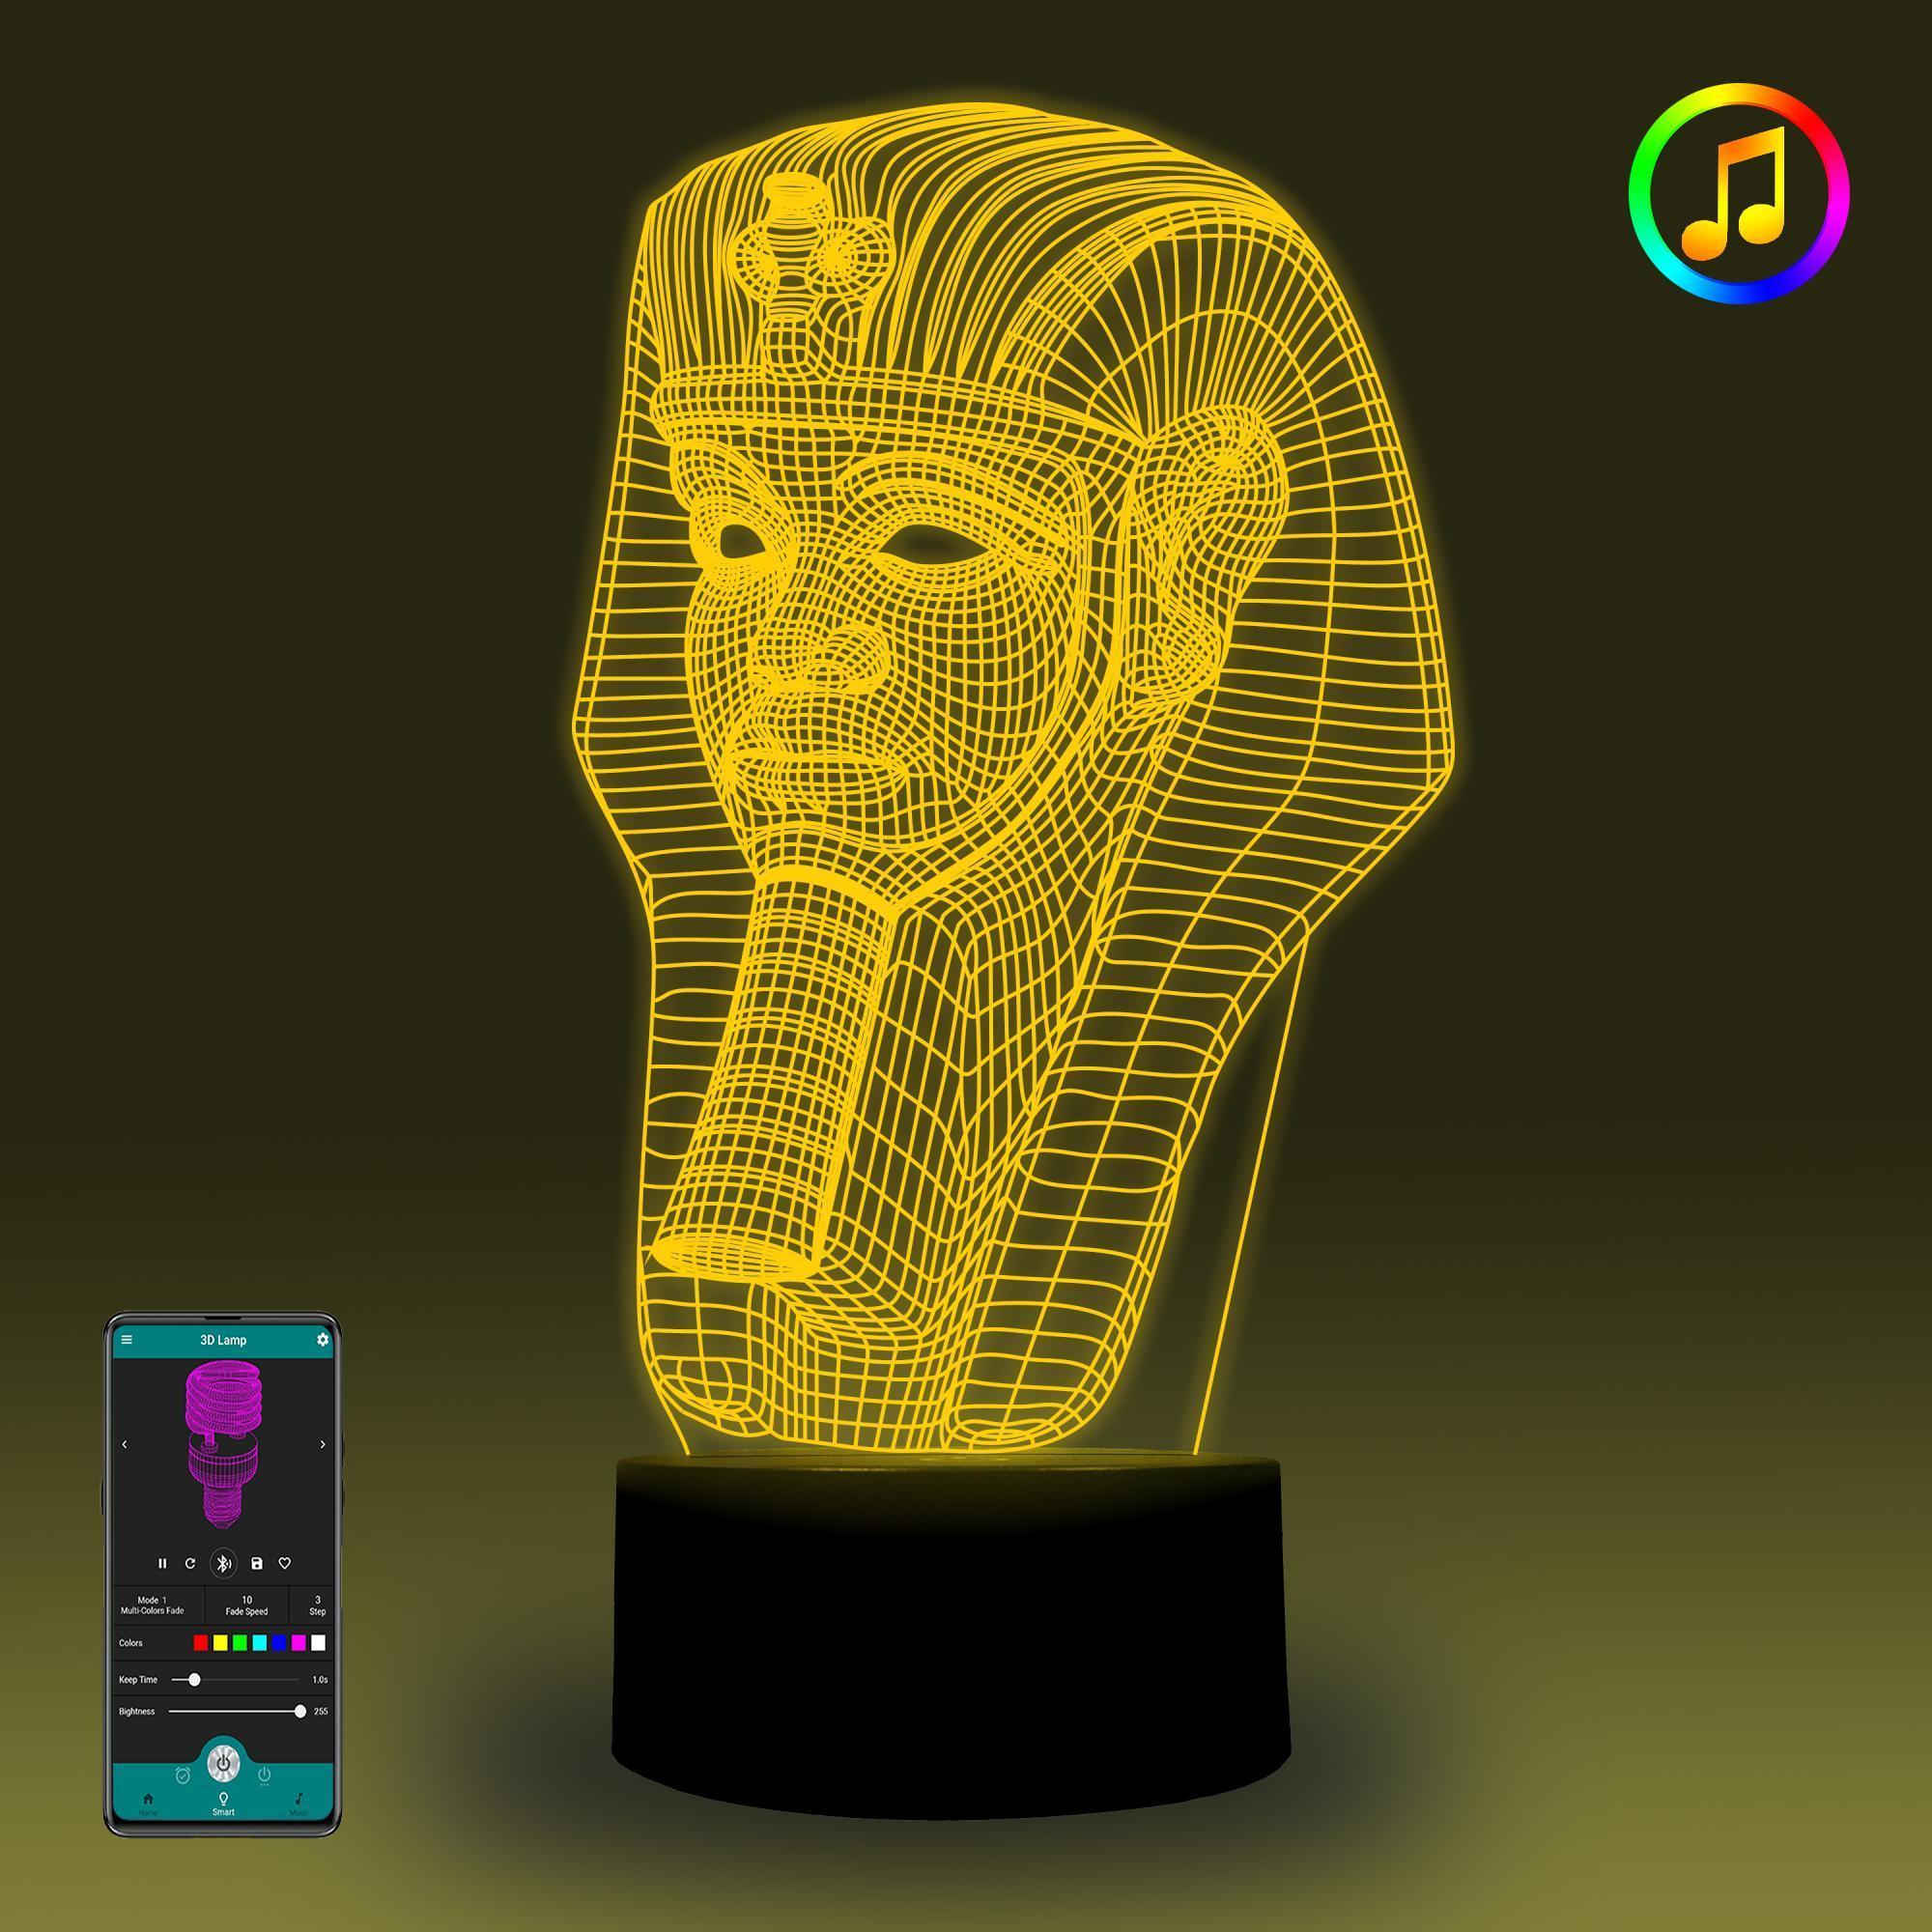 المصري فرعون الذكية 3D مصباح مصباح الوهم الموسيقى يلة متزامنة اللمس الخفيف وAPP الديكور غرفة تحكم واسع النطاق الجملة الحرة الشحن